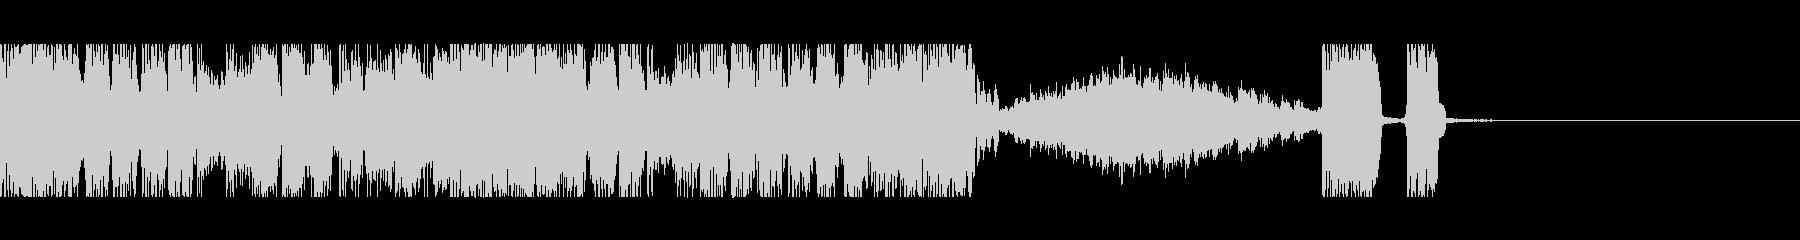 ヘヴィロックなジングルの未再生の波形